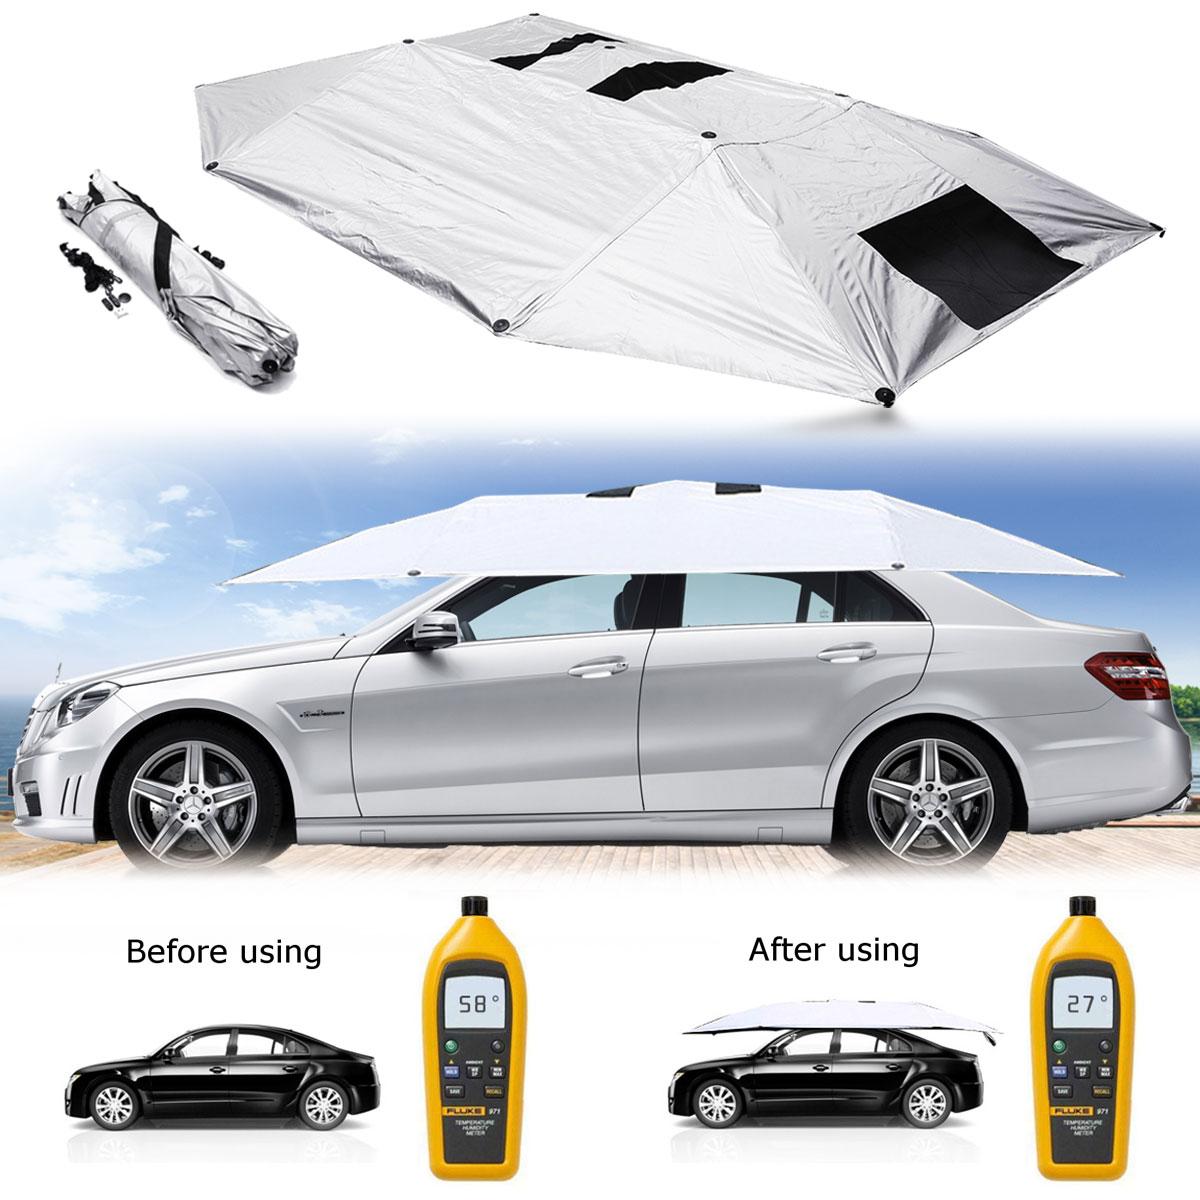 Portable amovible en plein air voiture tente parapluie toit parasol couverture Protection UV voiture soleil ombre voiture accessoires aluminium Protection solaire